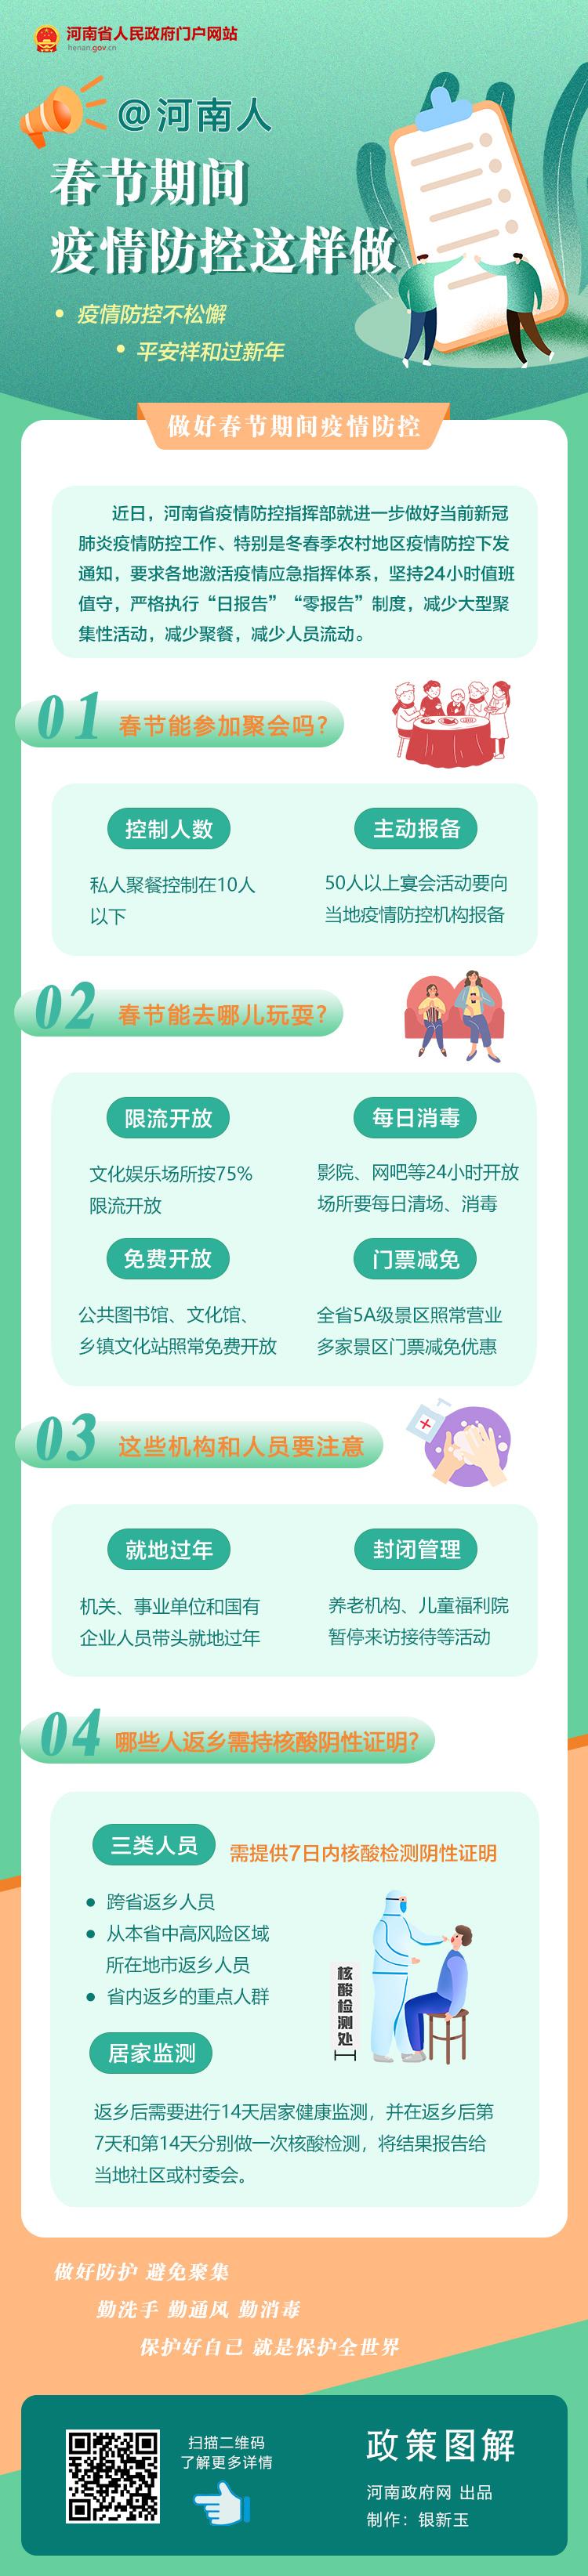 图解:@河南人 春节期间疫情防控这样做